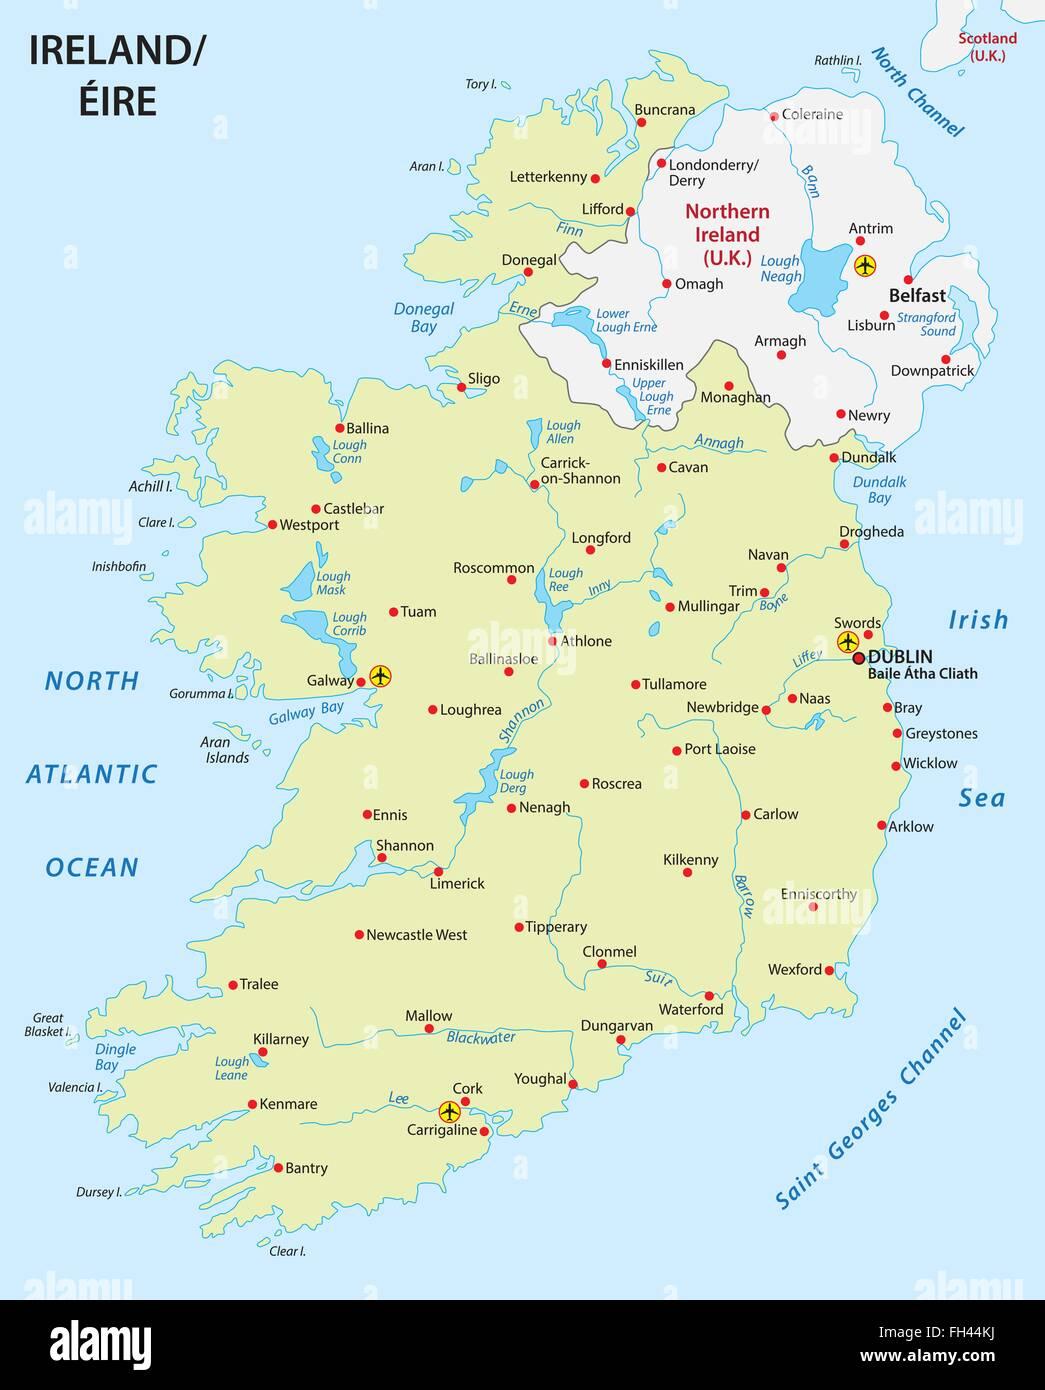 Irland Karte.Irland Karte Vektor Abbildung Bild 96592486 Alamy